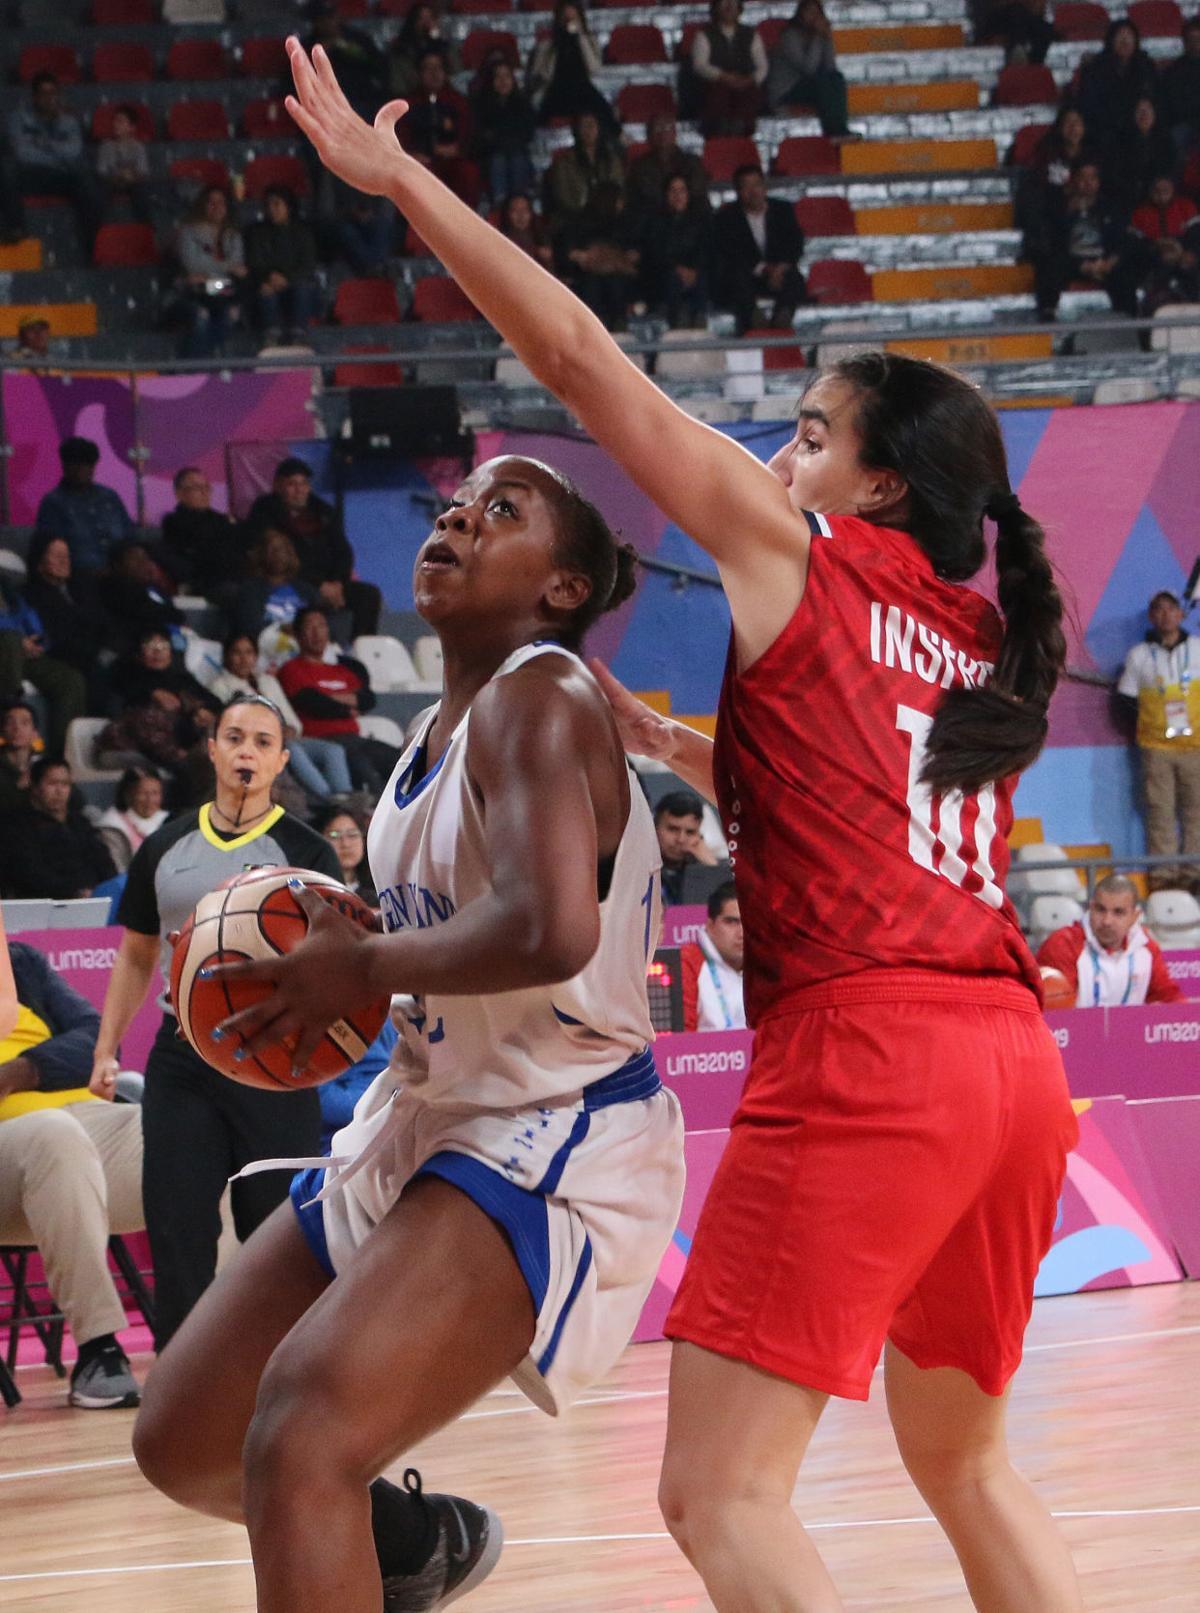 spt190810_Pan Am Games USVI Paraguay 01